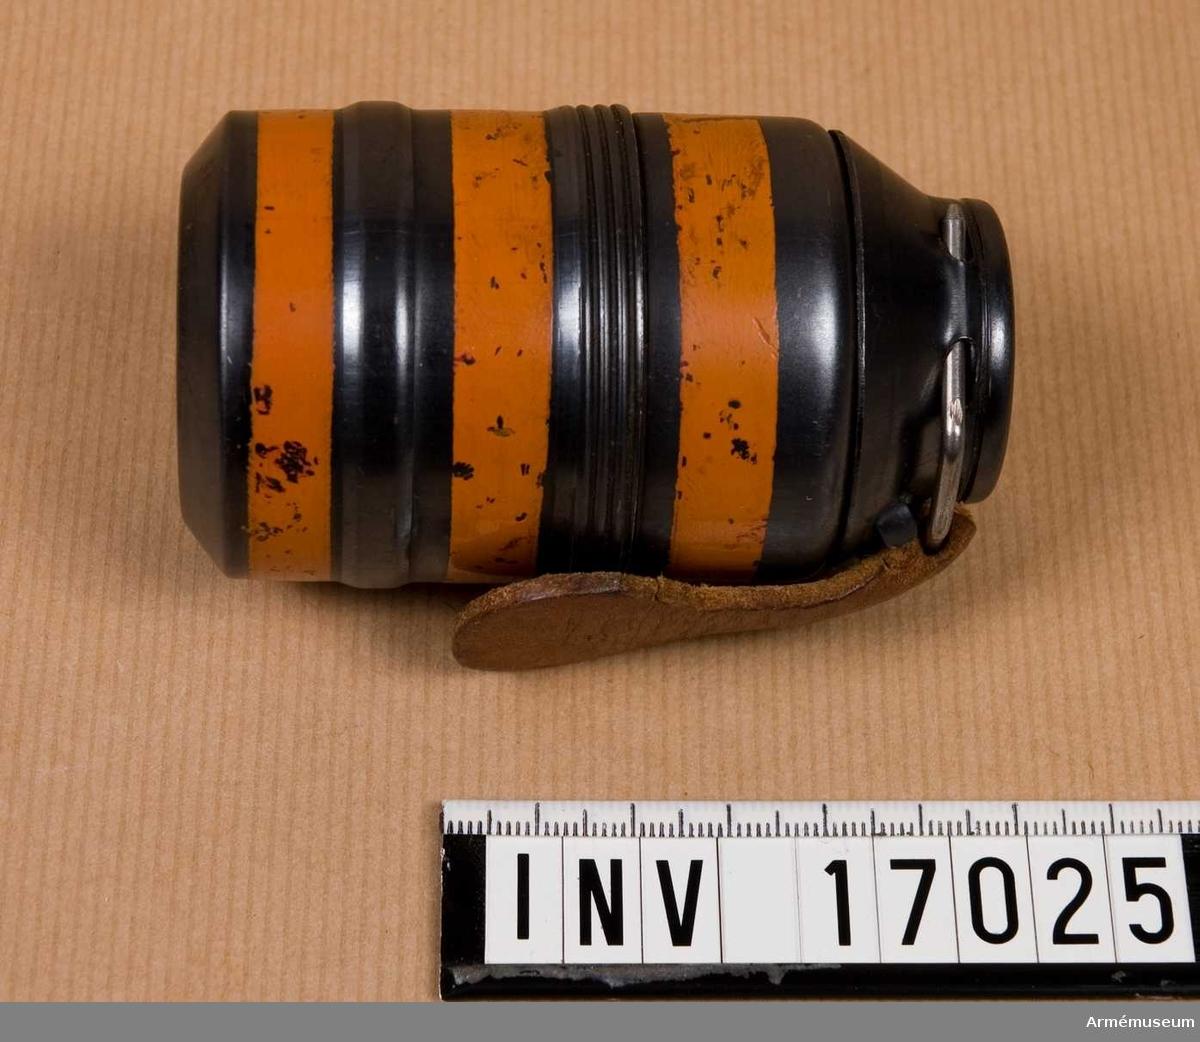 Grupp E IX.  Ägghandgranat, 1940-tal mindre, typ tillverkad i Ungern. Saknar spräng- och tändladdning.